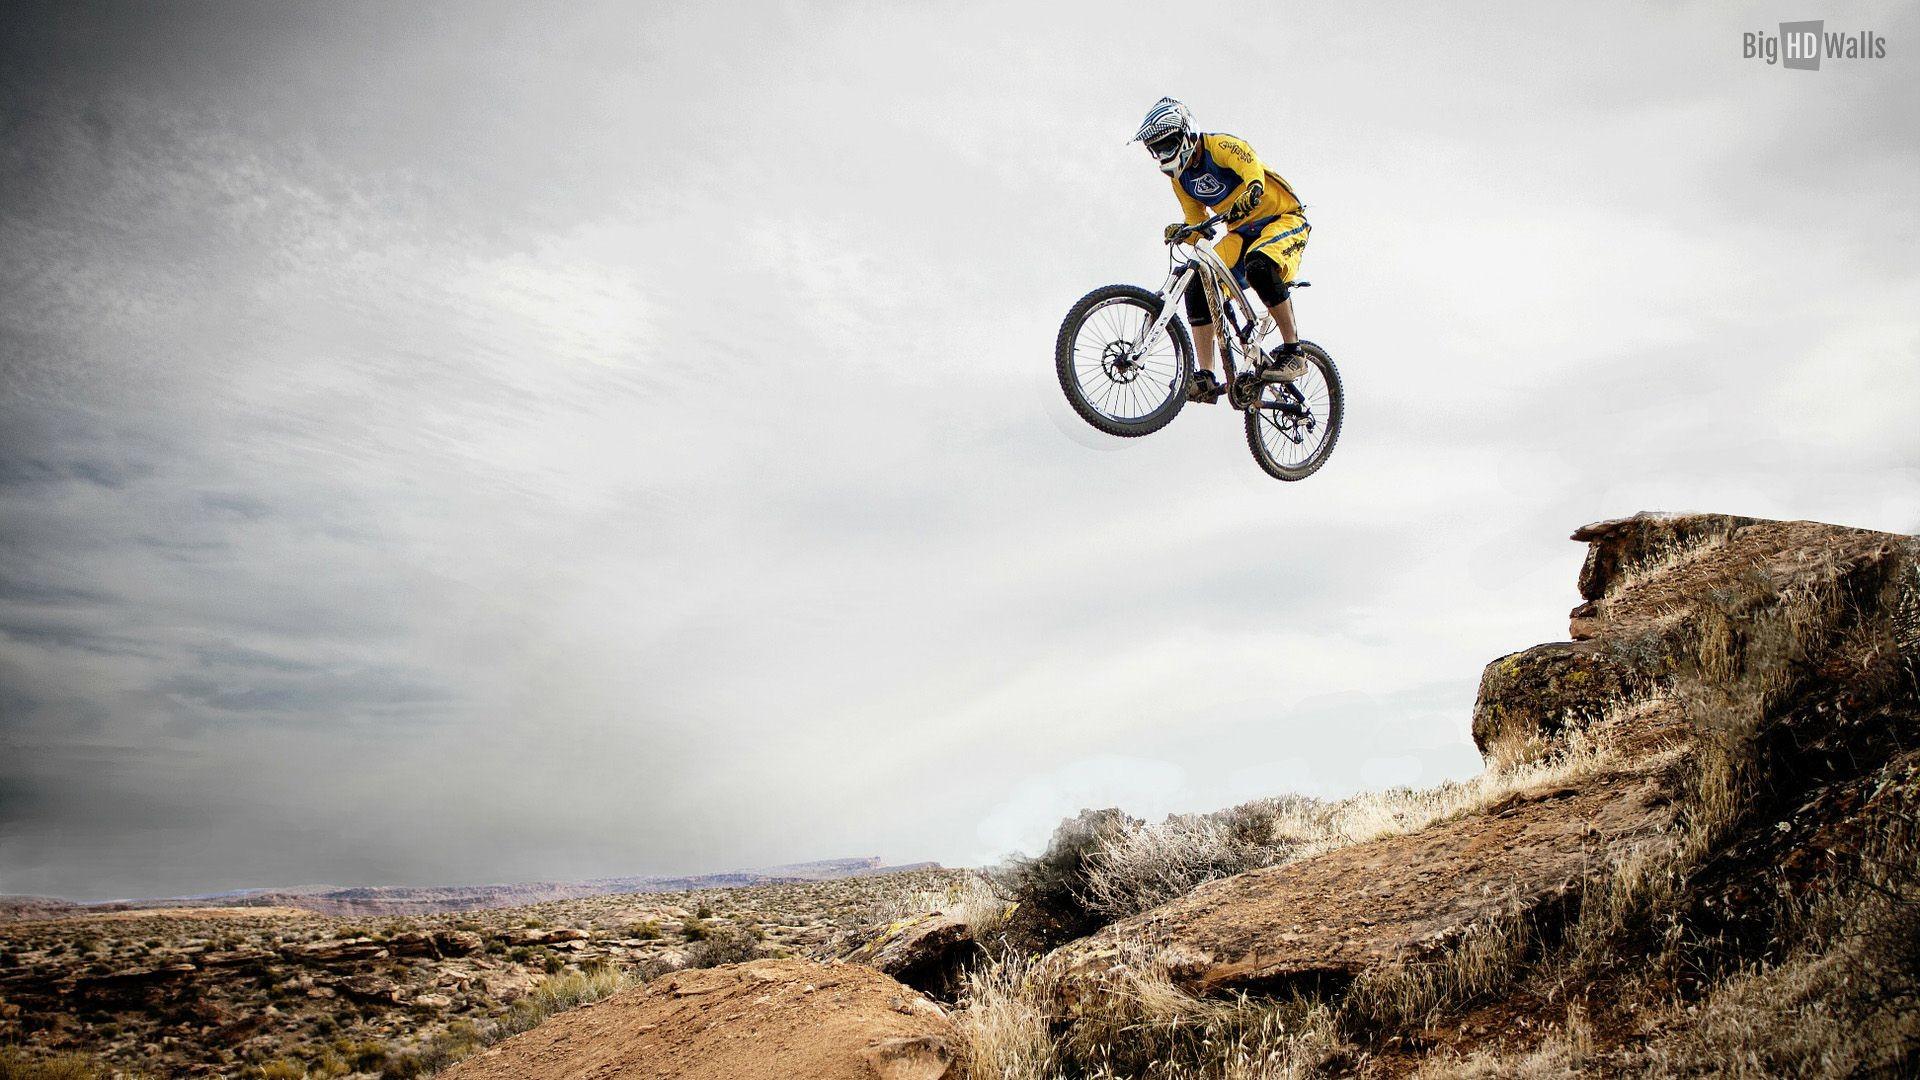 downhill mountain biking wallpaper hd